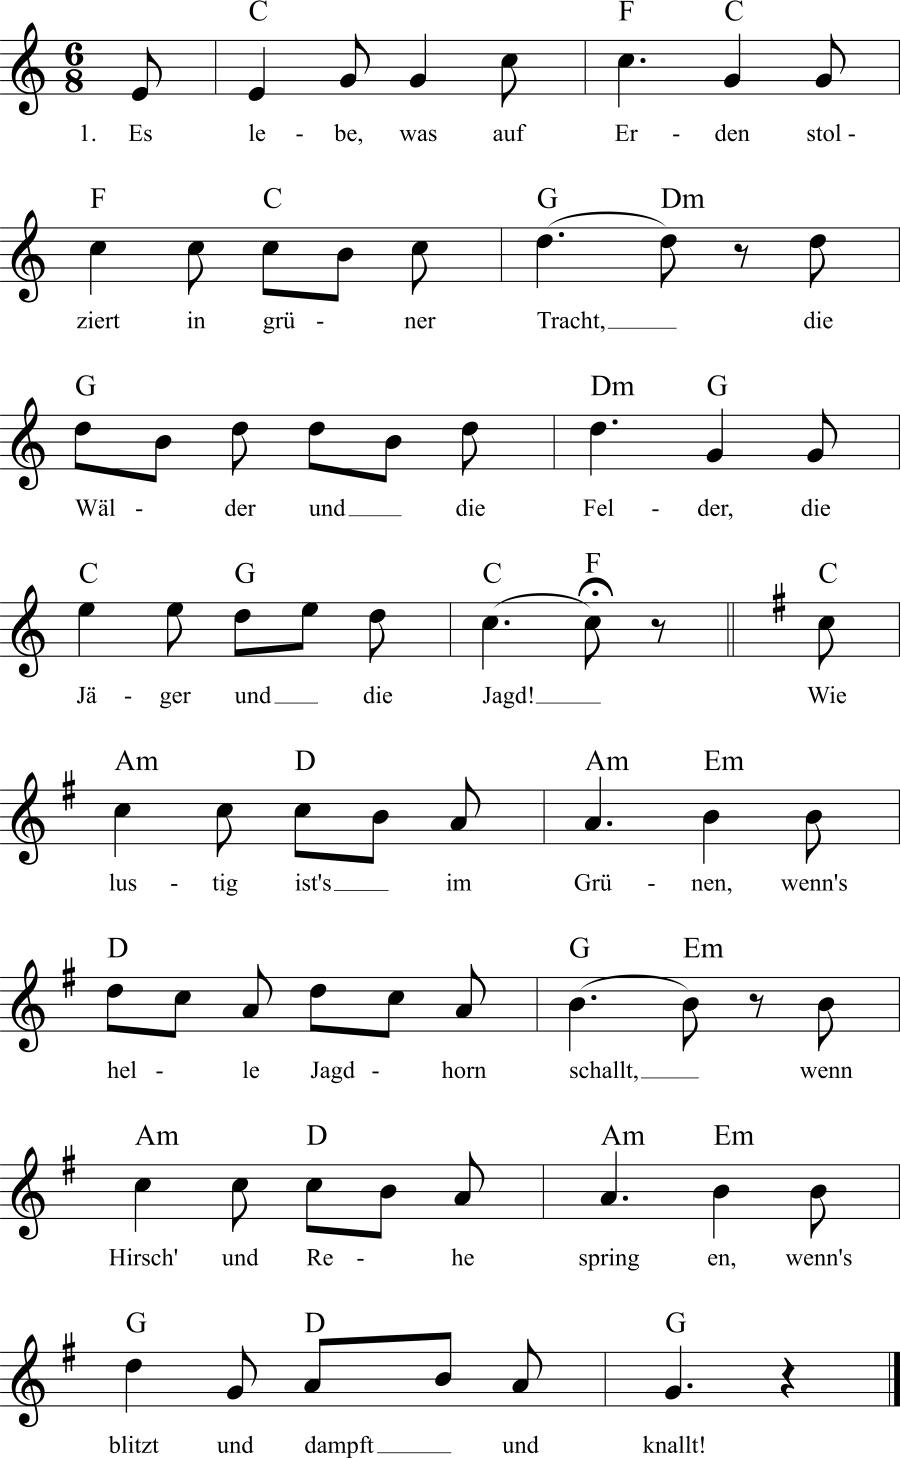 Musiknoten zum Lied Jägers Lust